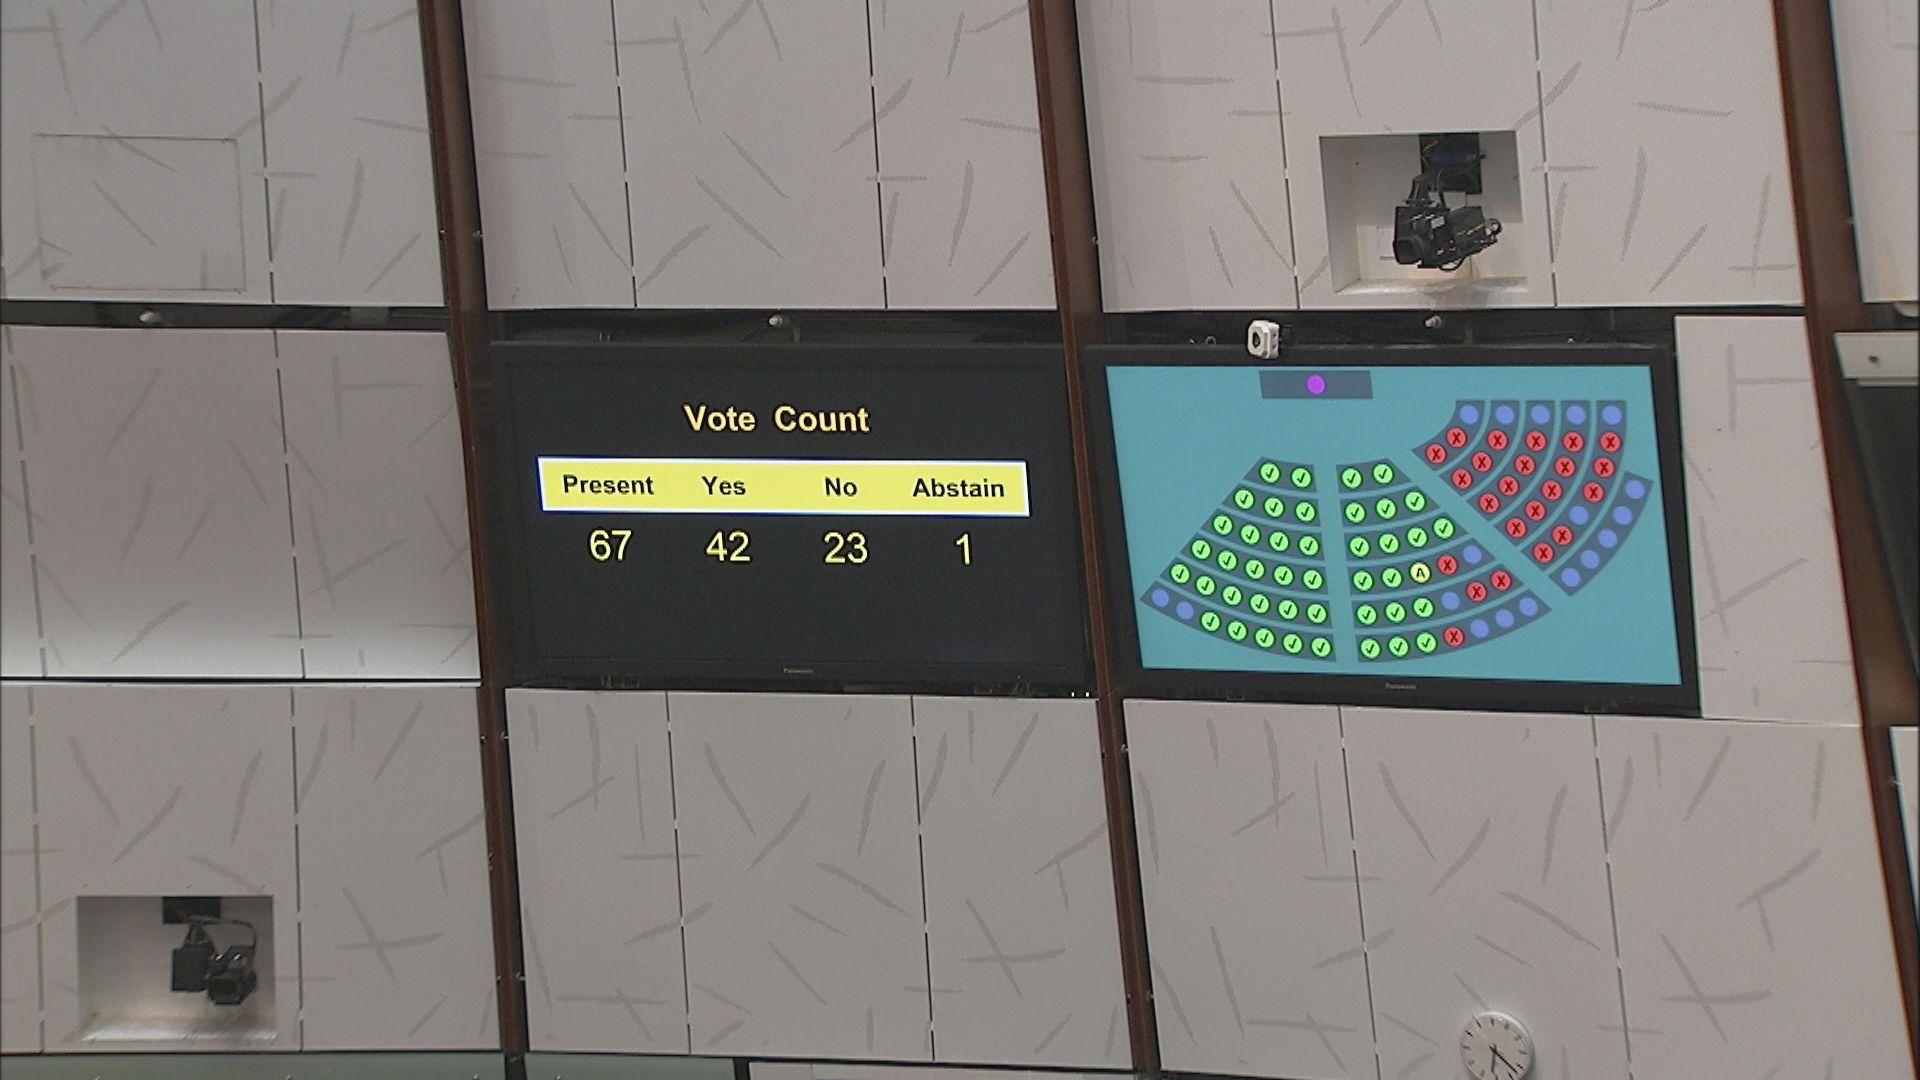 陳茂波:相信大部分市民於八月收到錢